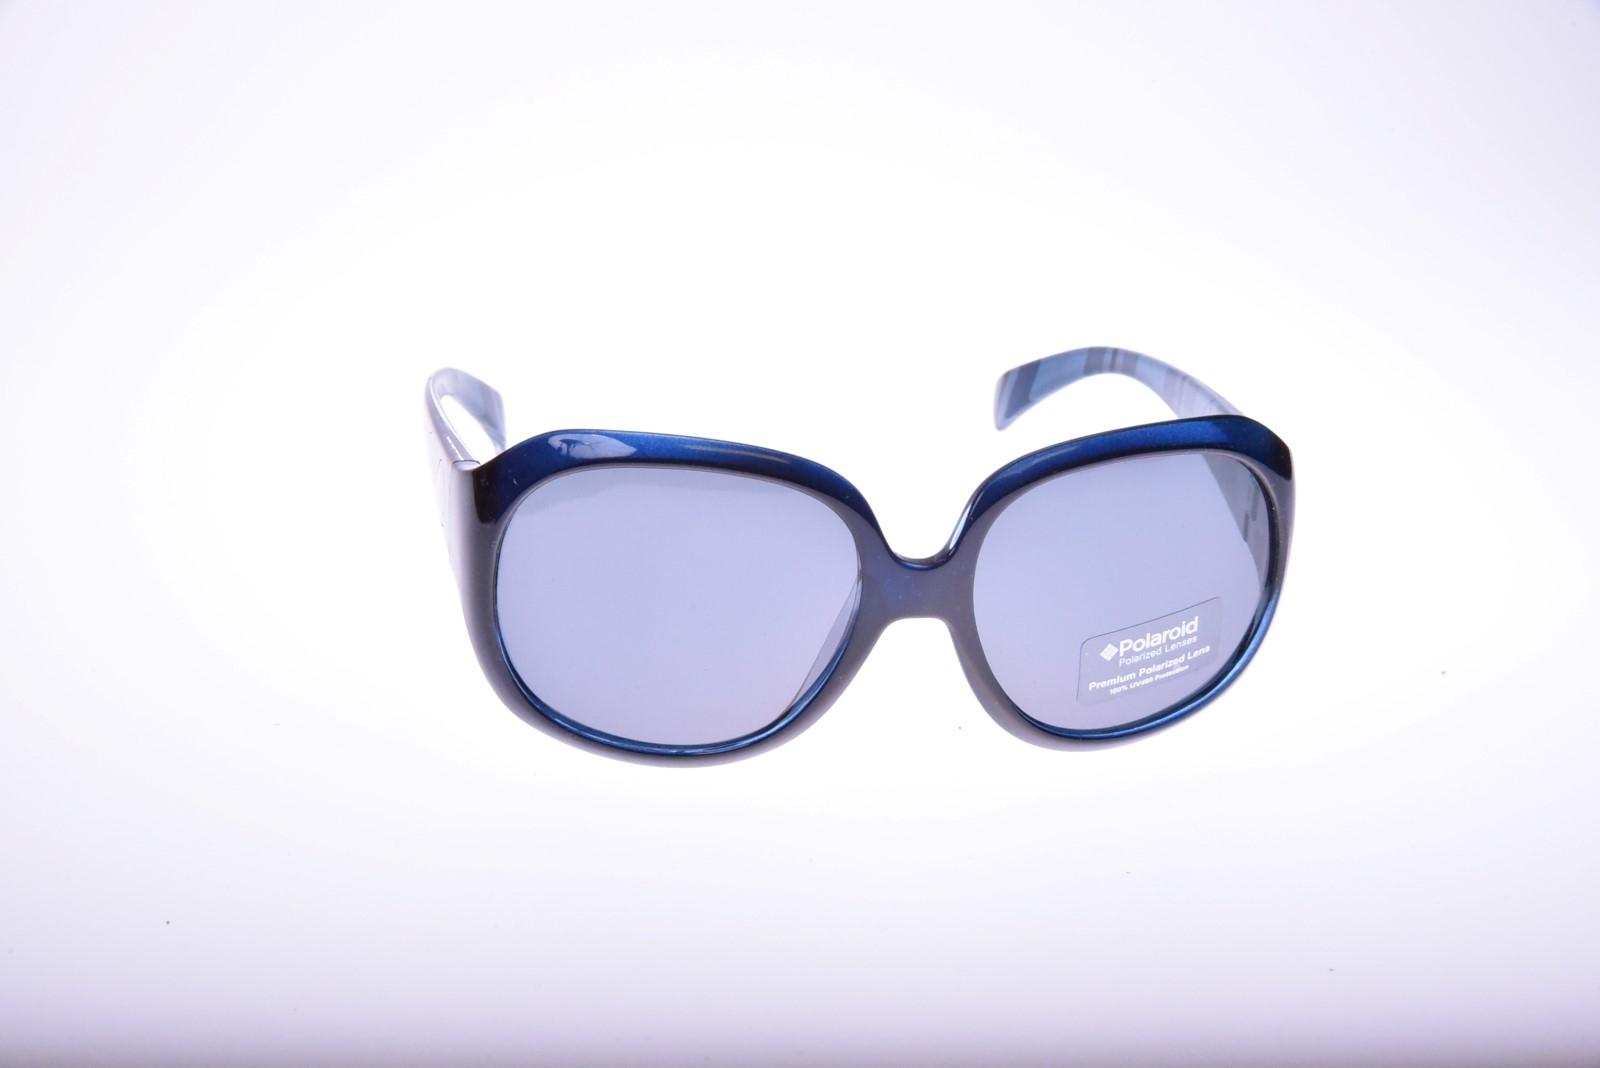 Polaroid Disney D0115A - Slnečné okuliare pre deti 8-12 r.